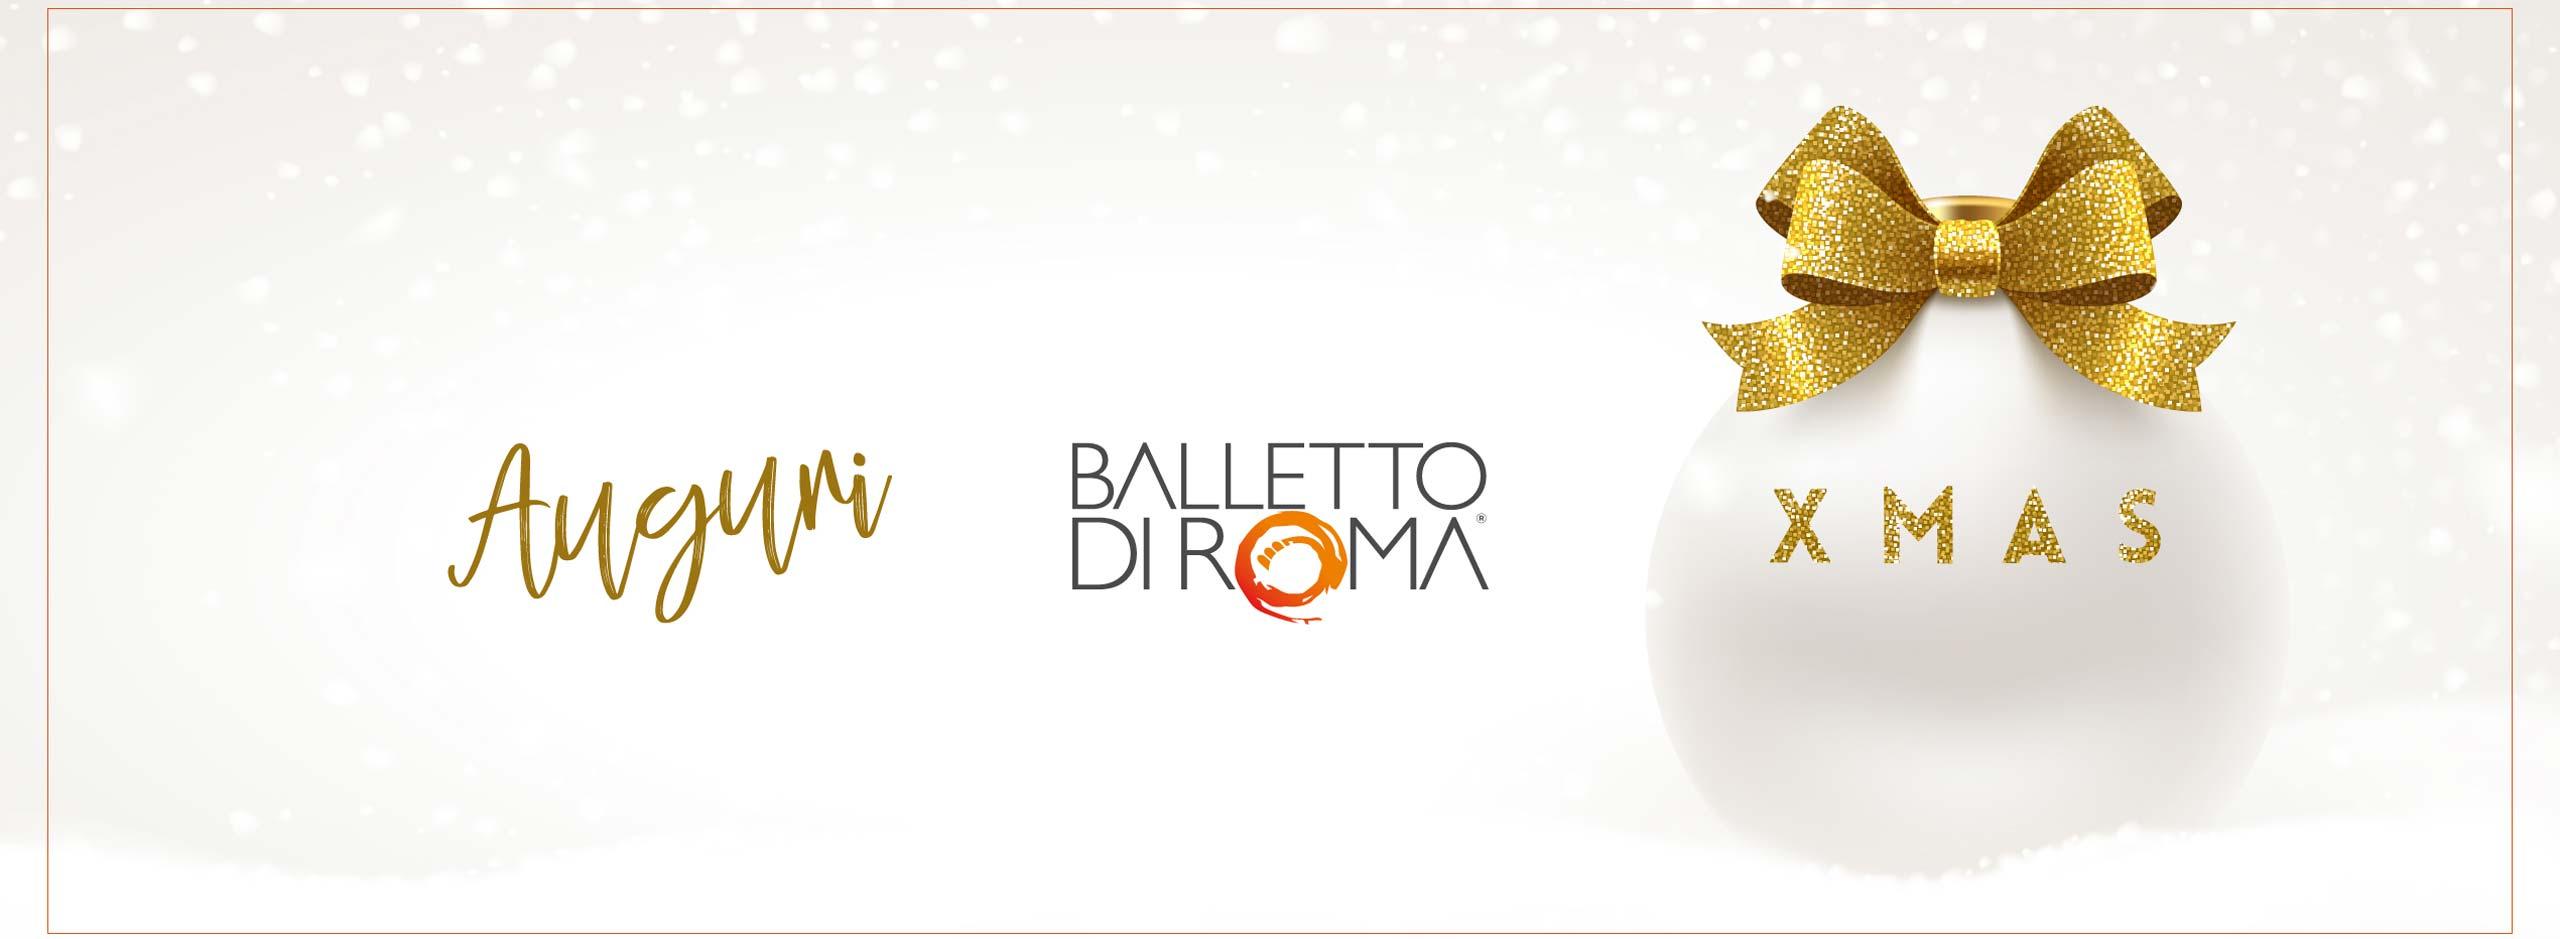 Balletto di Roma augura Buone Feste